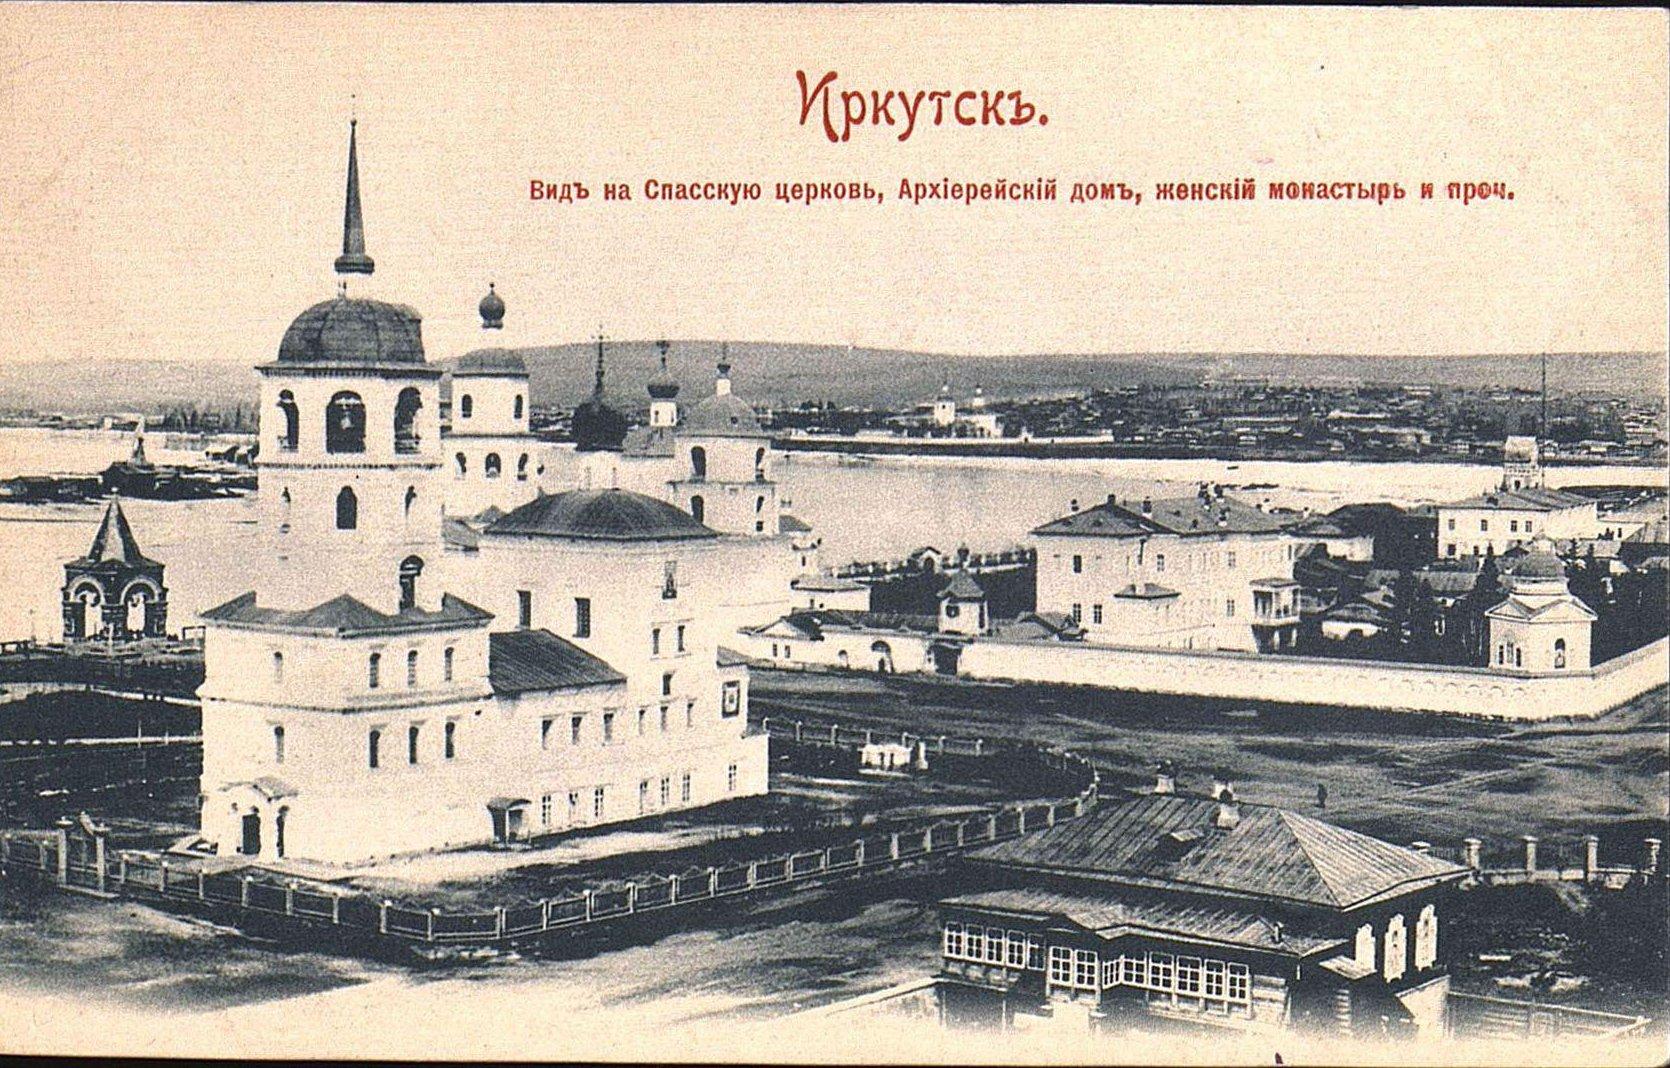 Вид на Спасскую церковь, Архиерейский дом, женский монастырь и проч